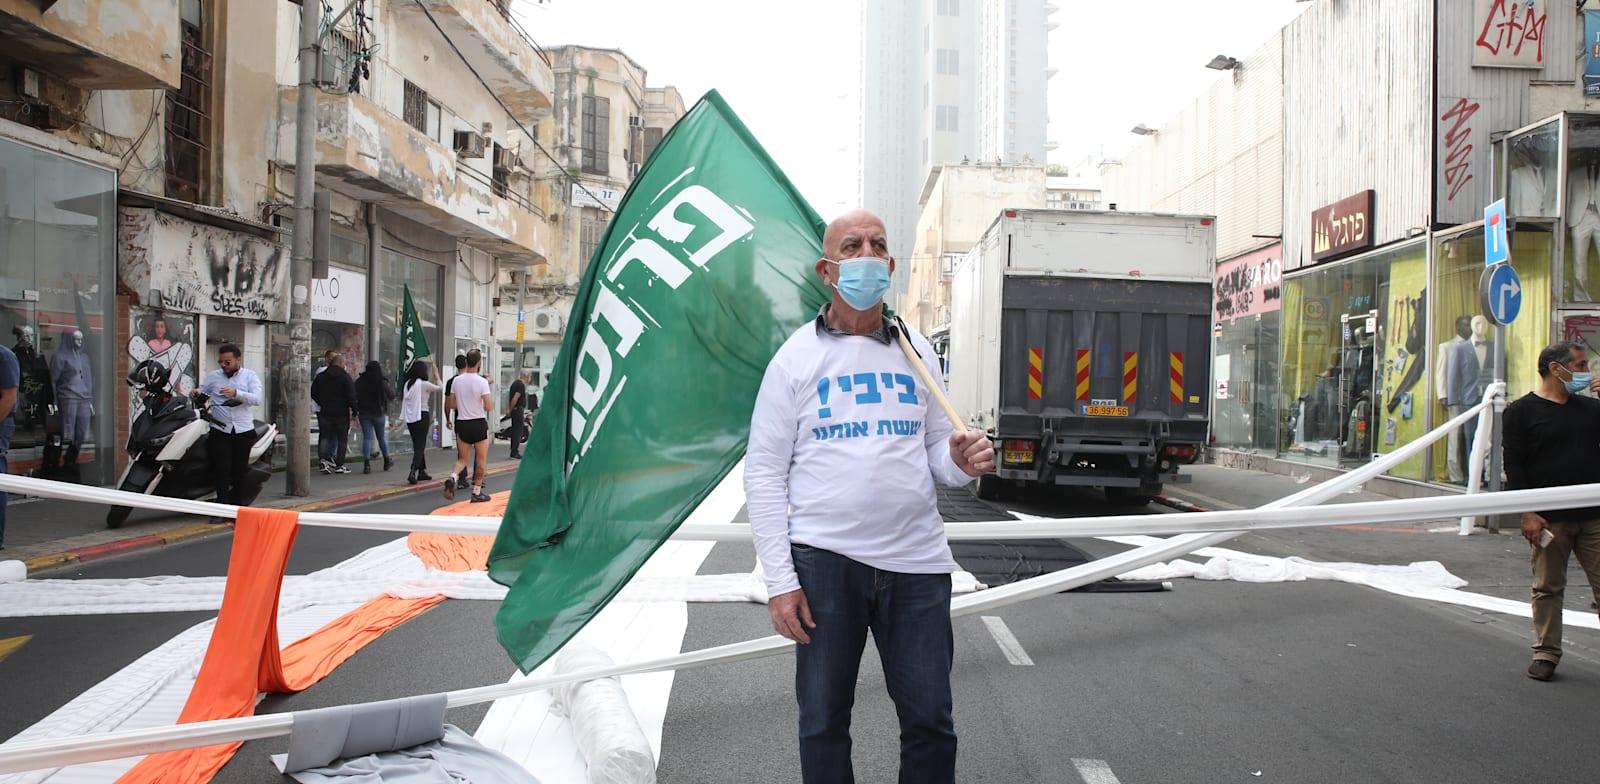 """סוחר מפגין בדרך יפו בת""""א במחאה על חוסר הטיפול במשבר הכלכלי / צילום: כדיה לוי"""